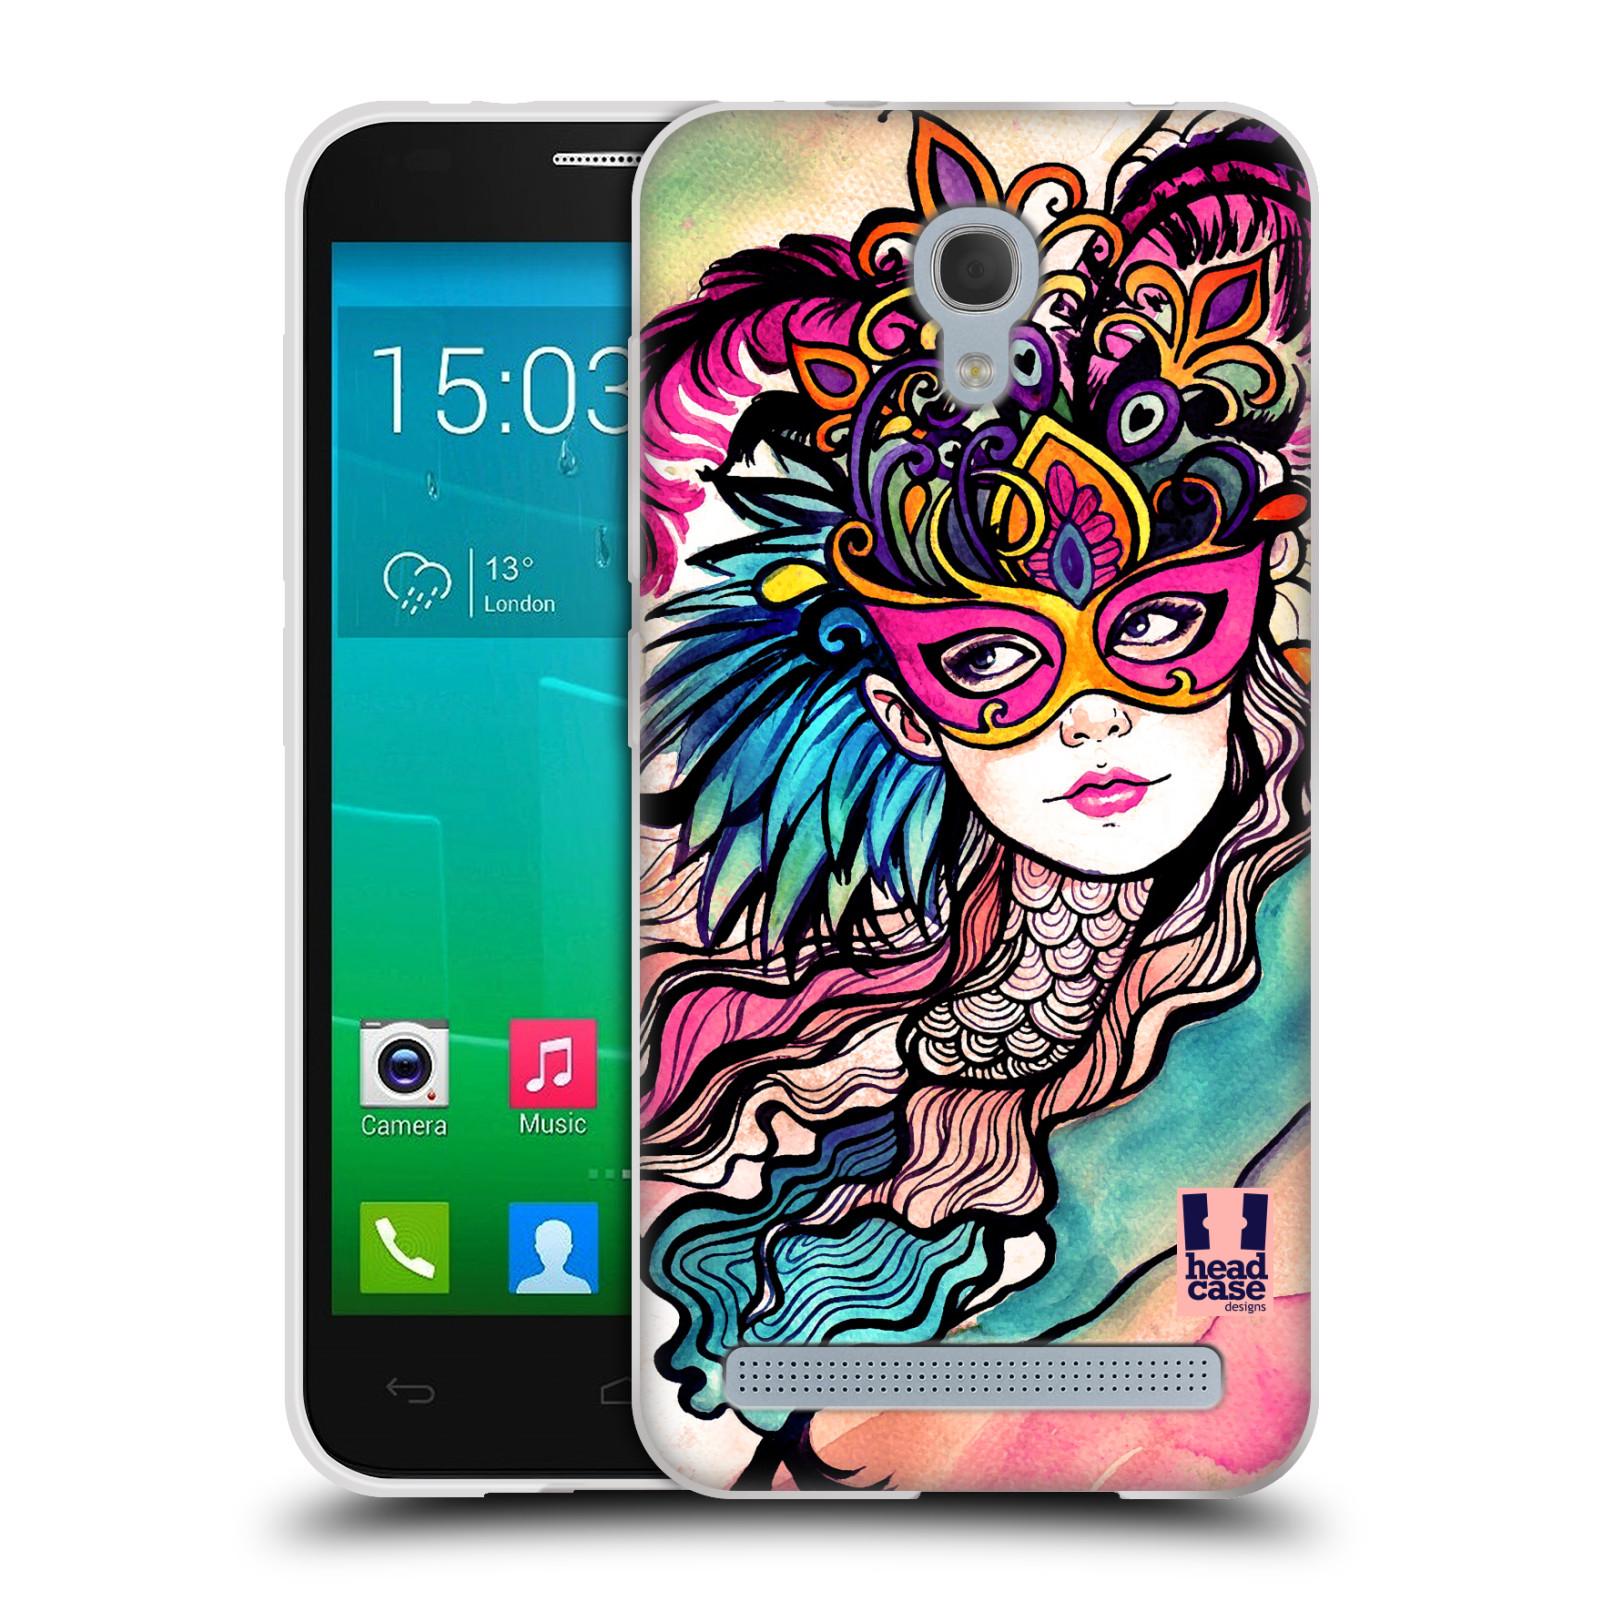 HEAD CASE silikonový obal na mobil Alcatel Idol 2 MINI S 6036Y vzor Maškarní ples masky kreslené vzory růžová